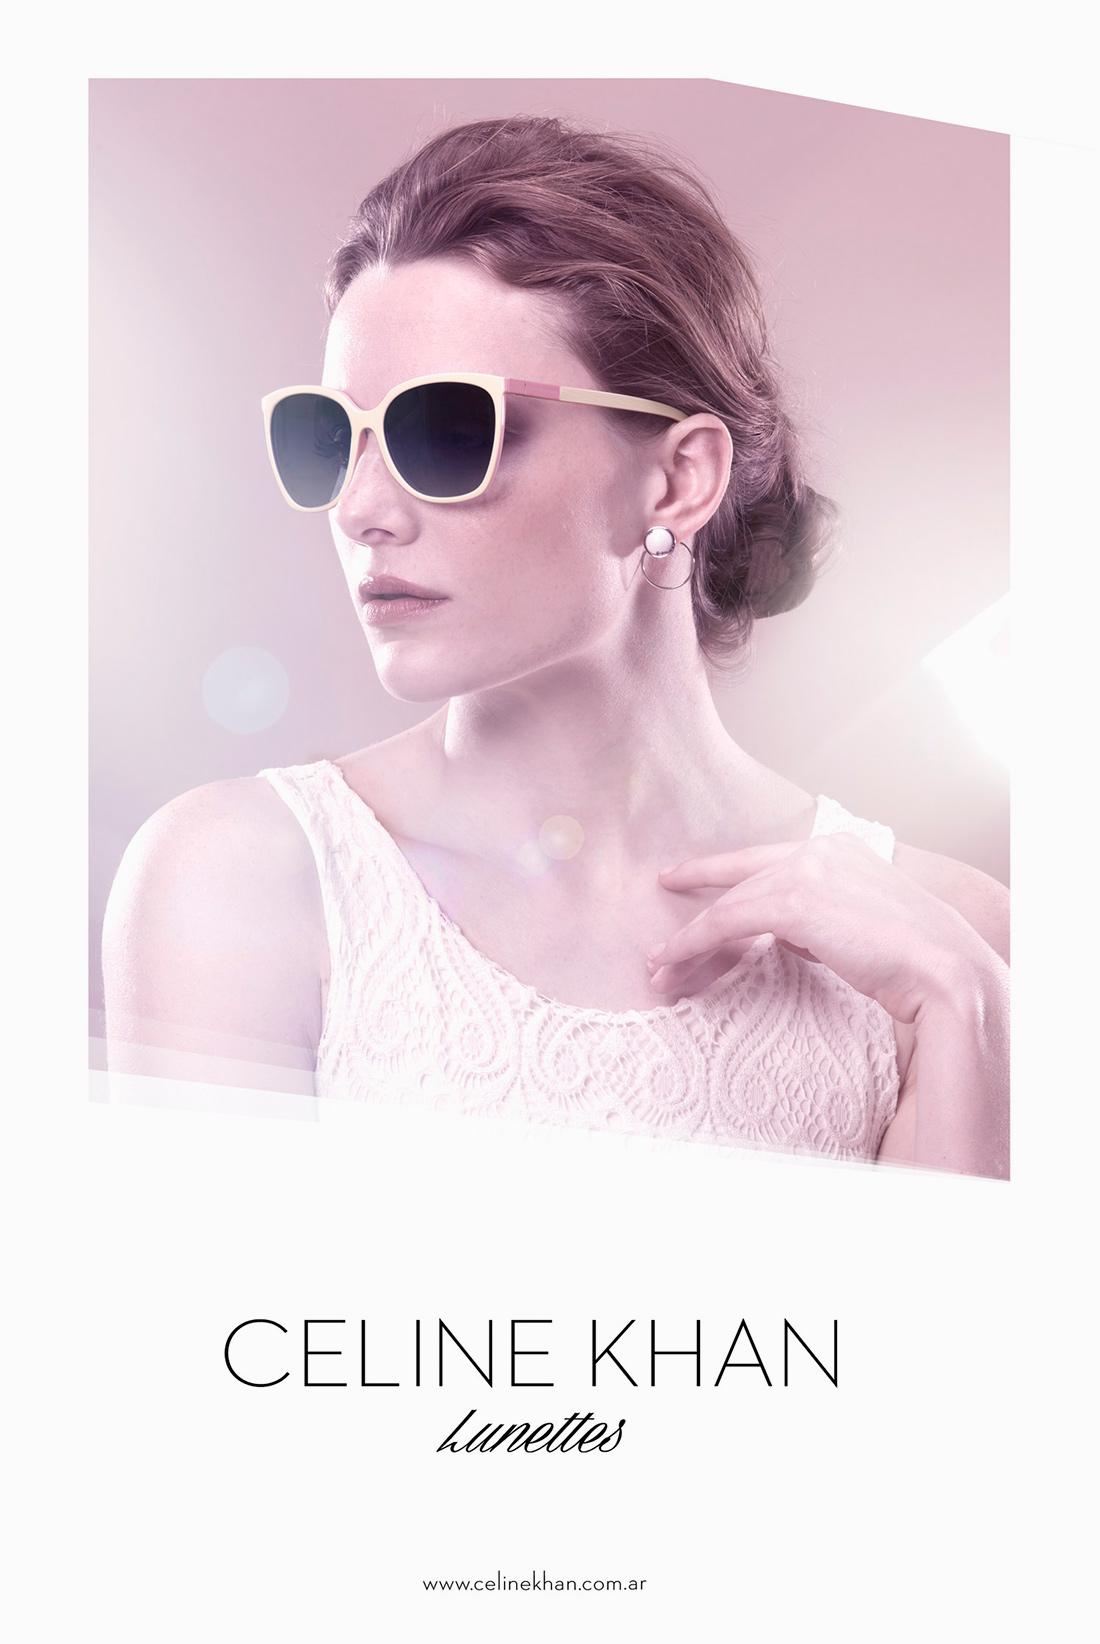 Celine Khan 2017